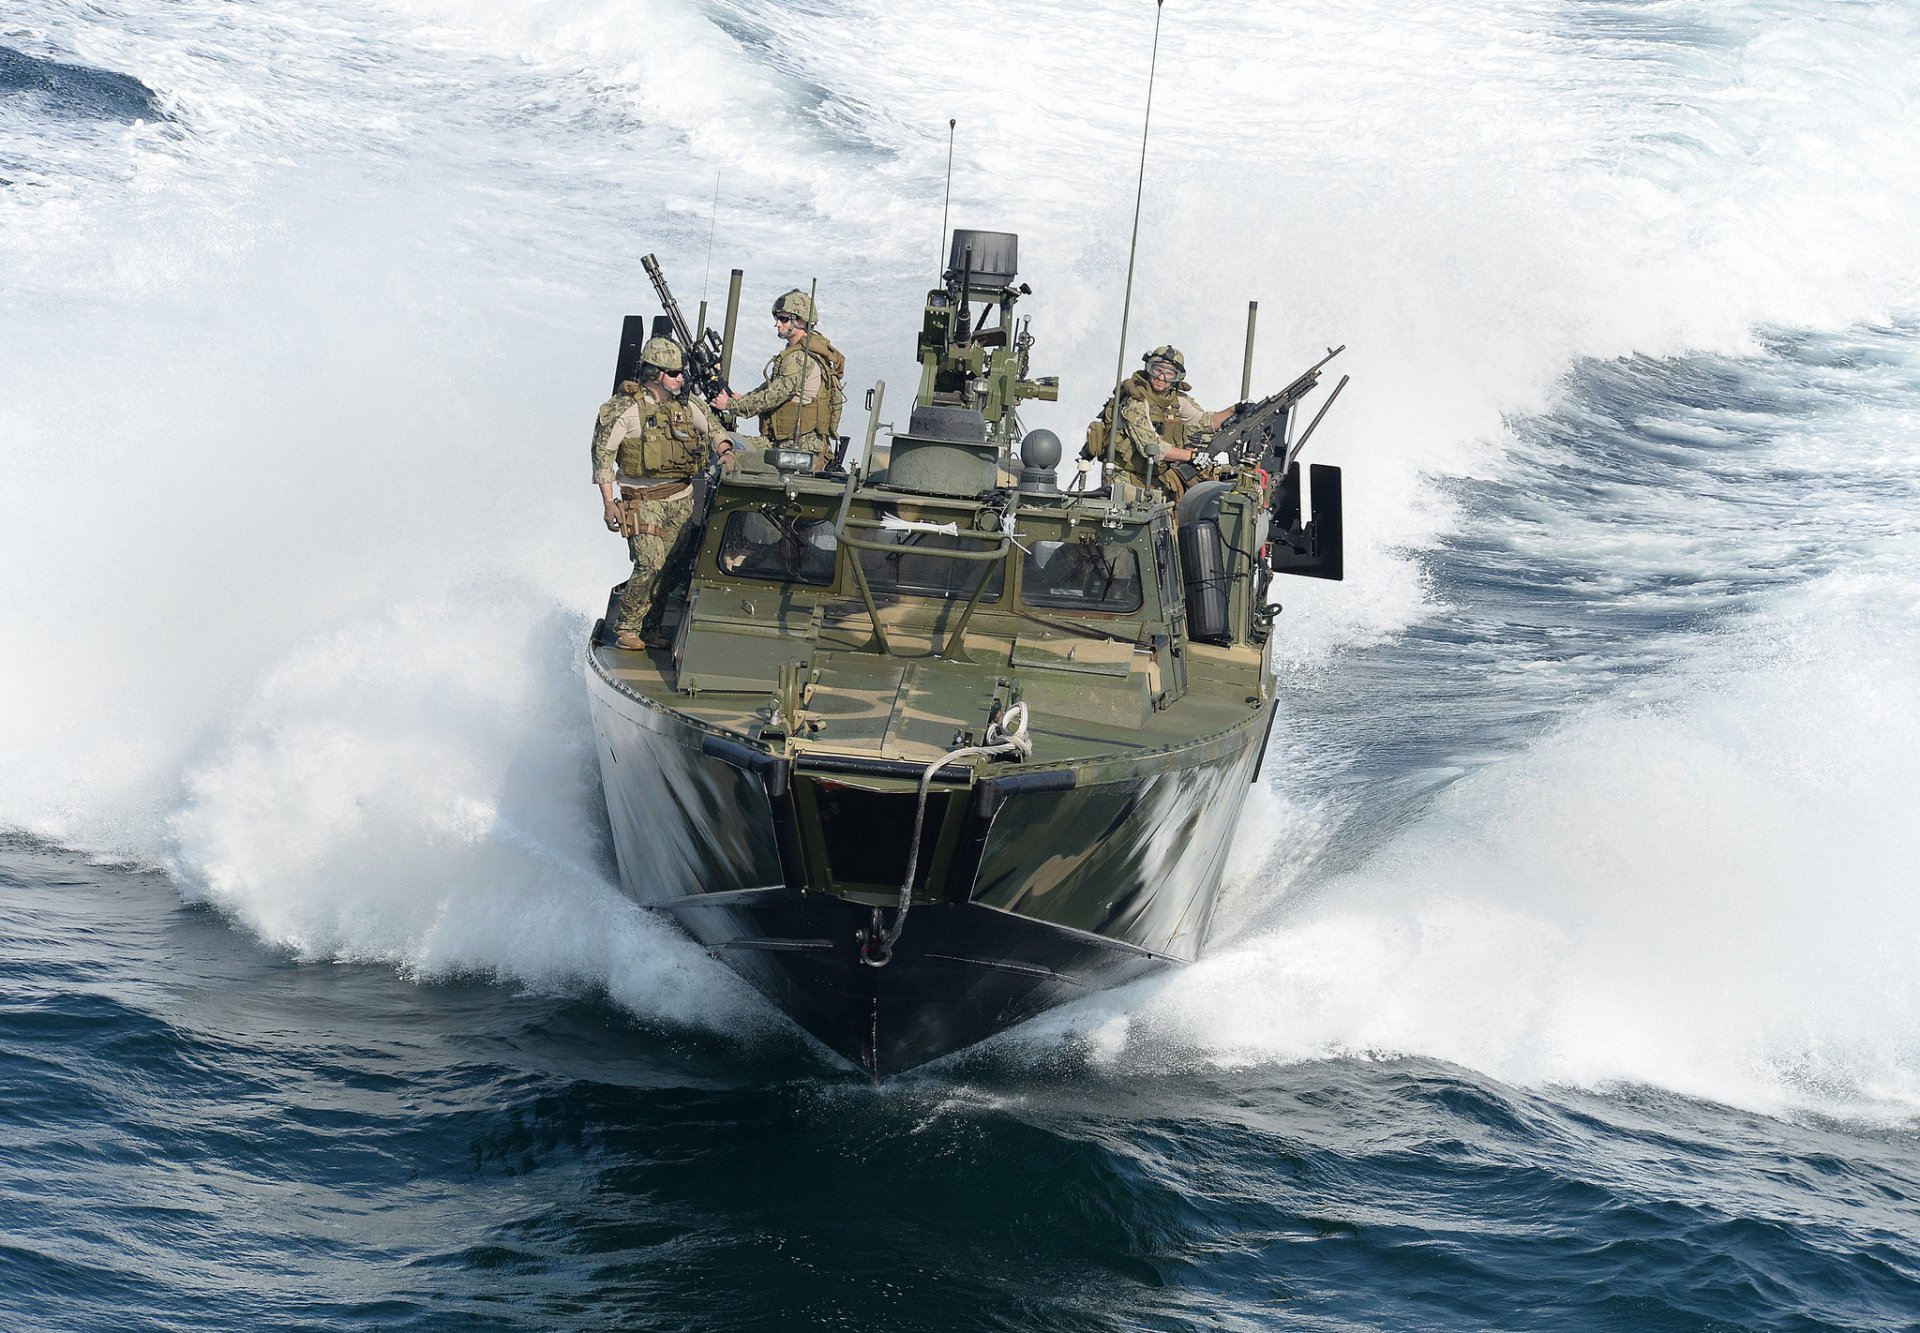 rcb морская командная лодка солдаты оружие волны HD обои ...